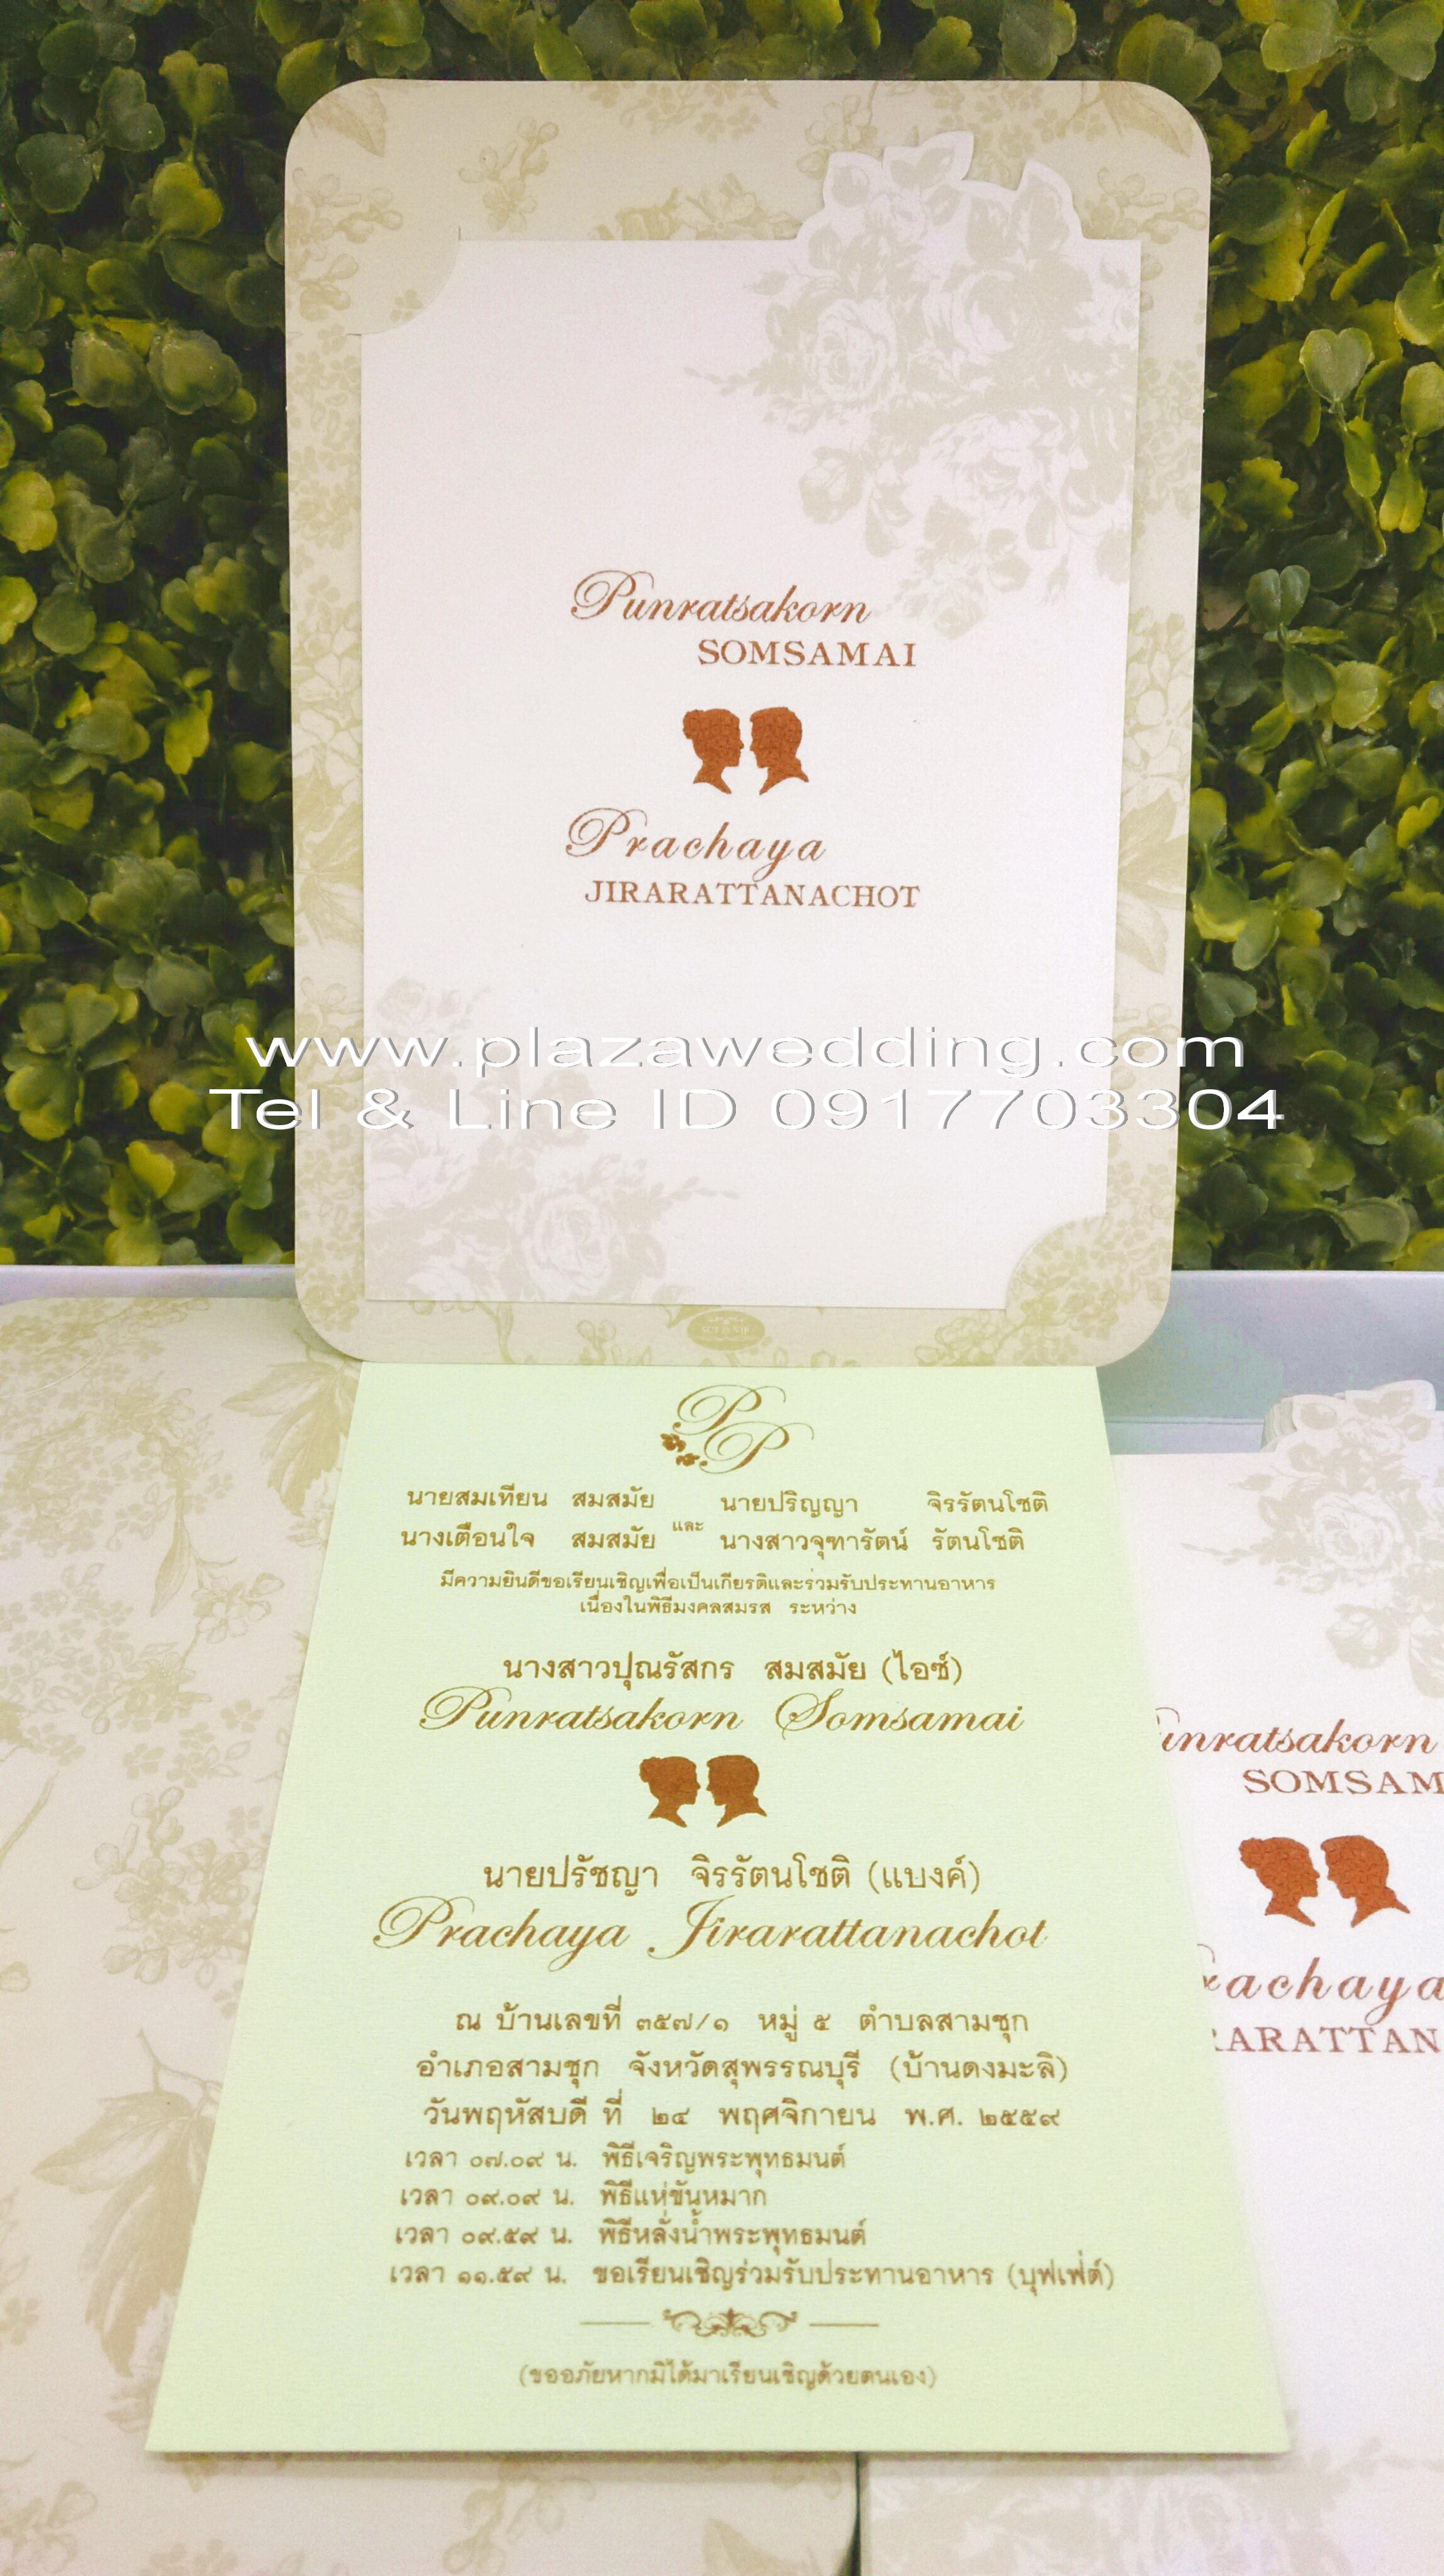 การ์ดแต่งงานแบบมีไส้การ์ด ขนาด 5x7 นิ้ว มีทั้งหมด 3 สี คือ สีชมพู รหัส 290221 สีครีม รหัส 290222 สีเขียว รหัส 290228 สำเนา